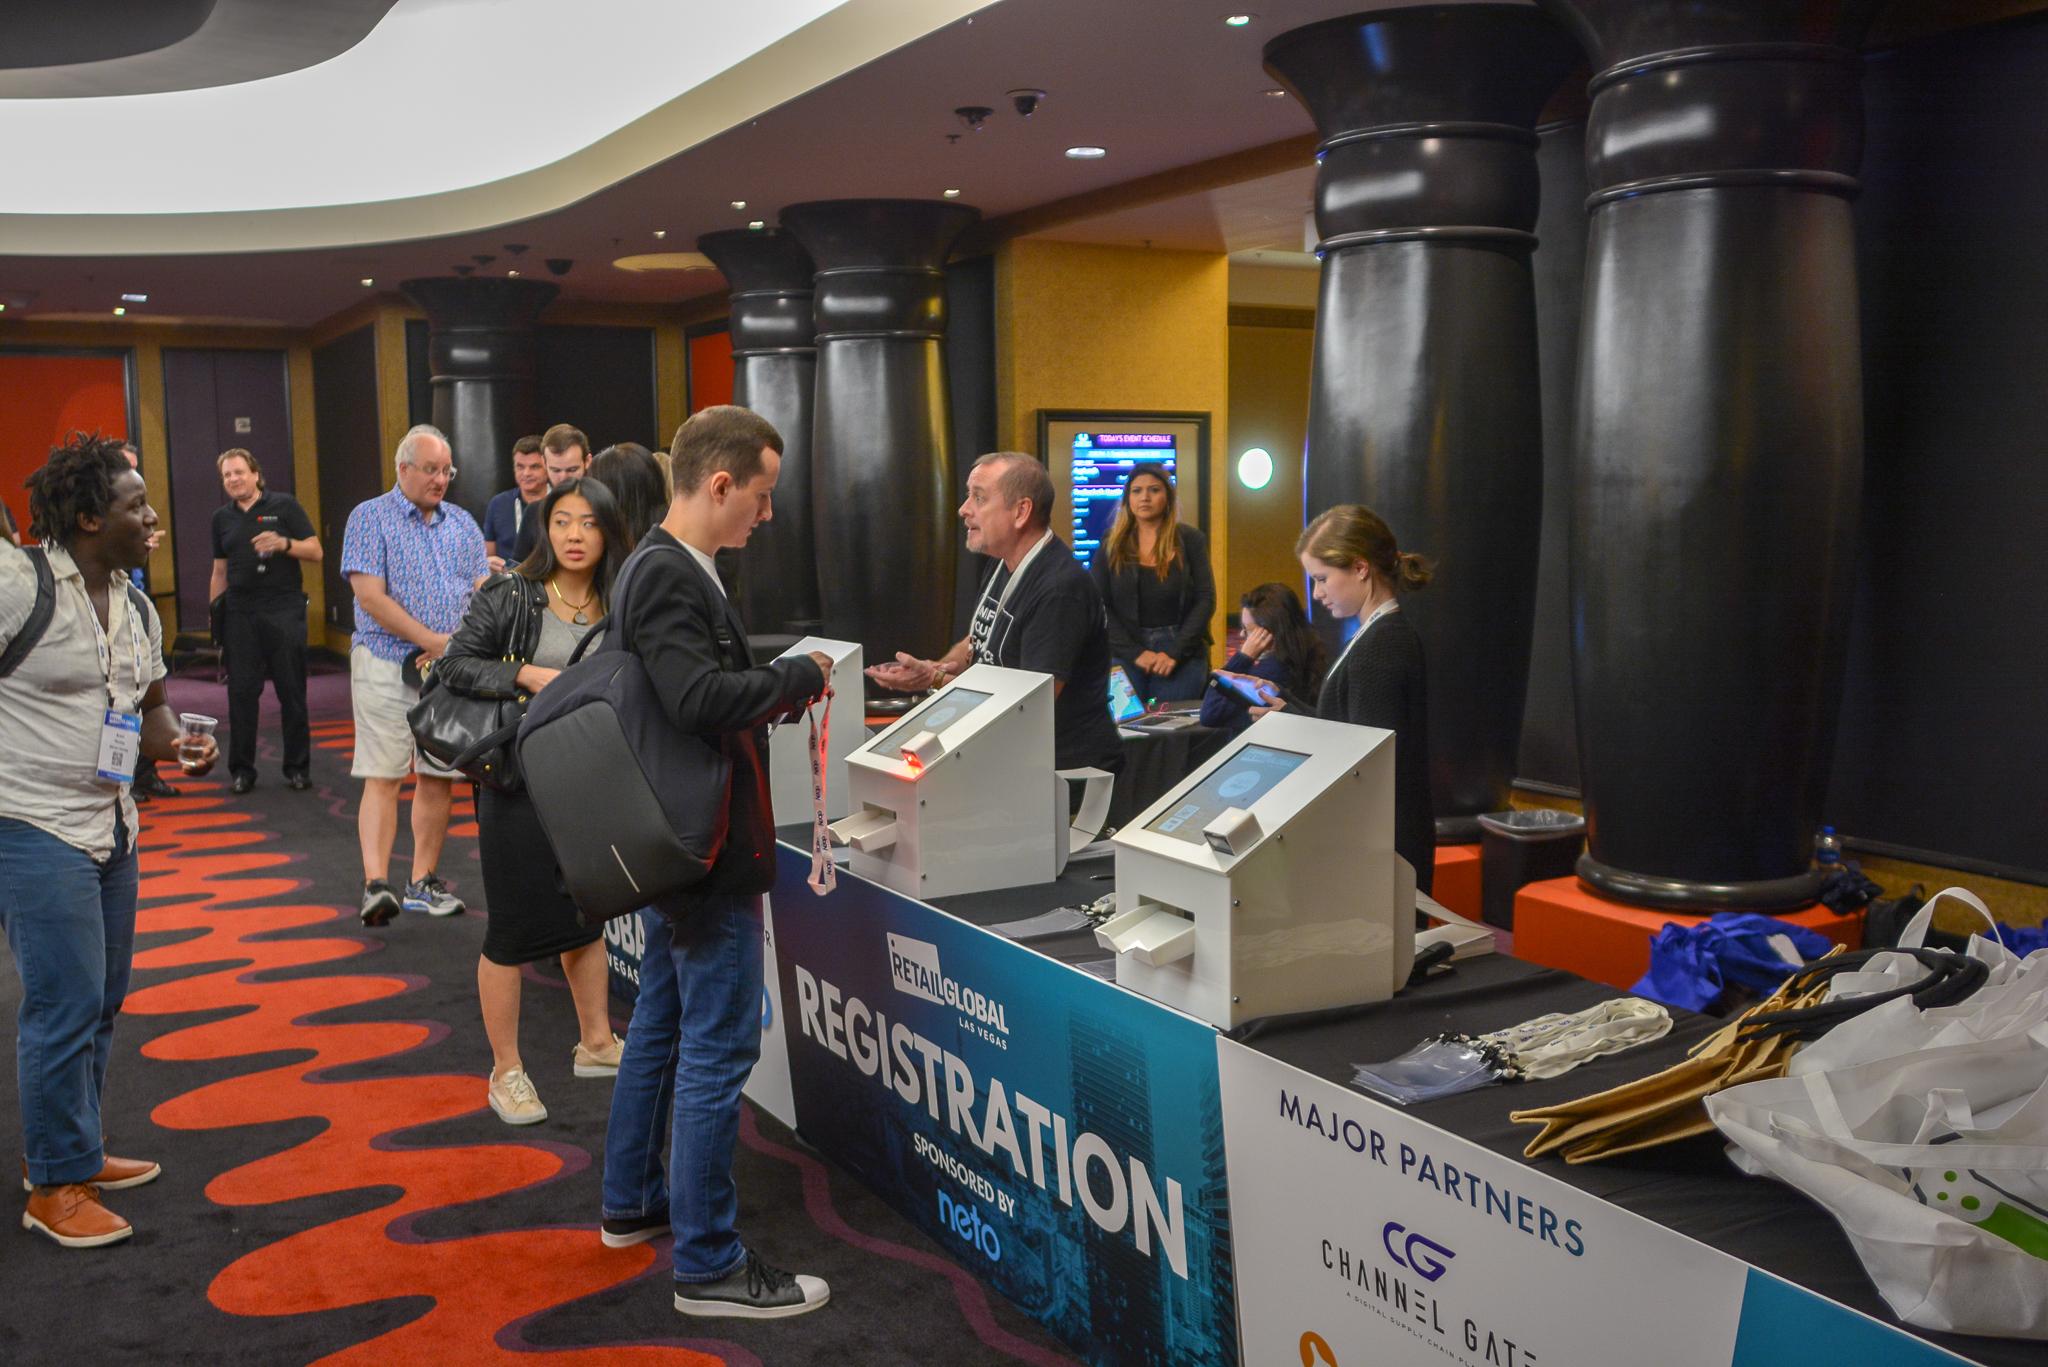 Delegates registering via exposcan kiosks